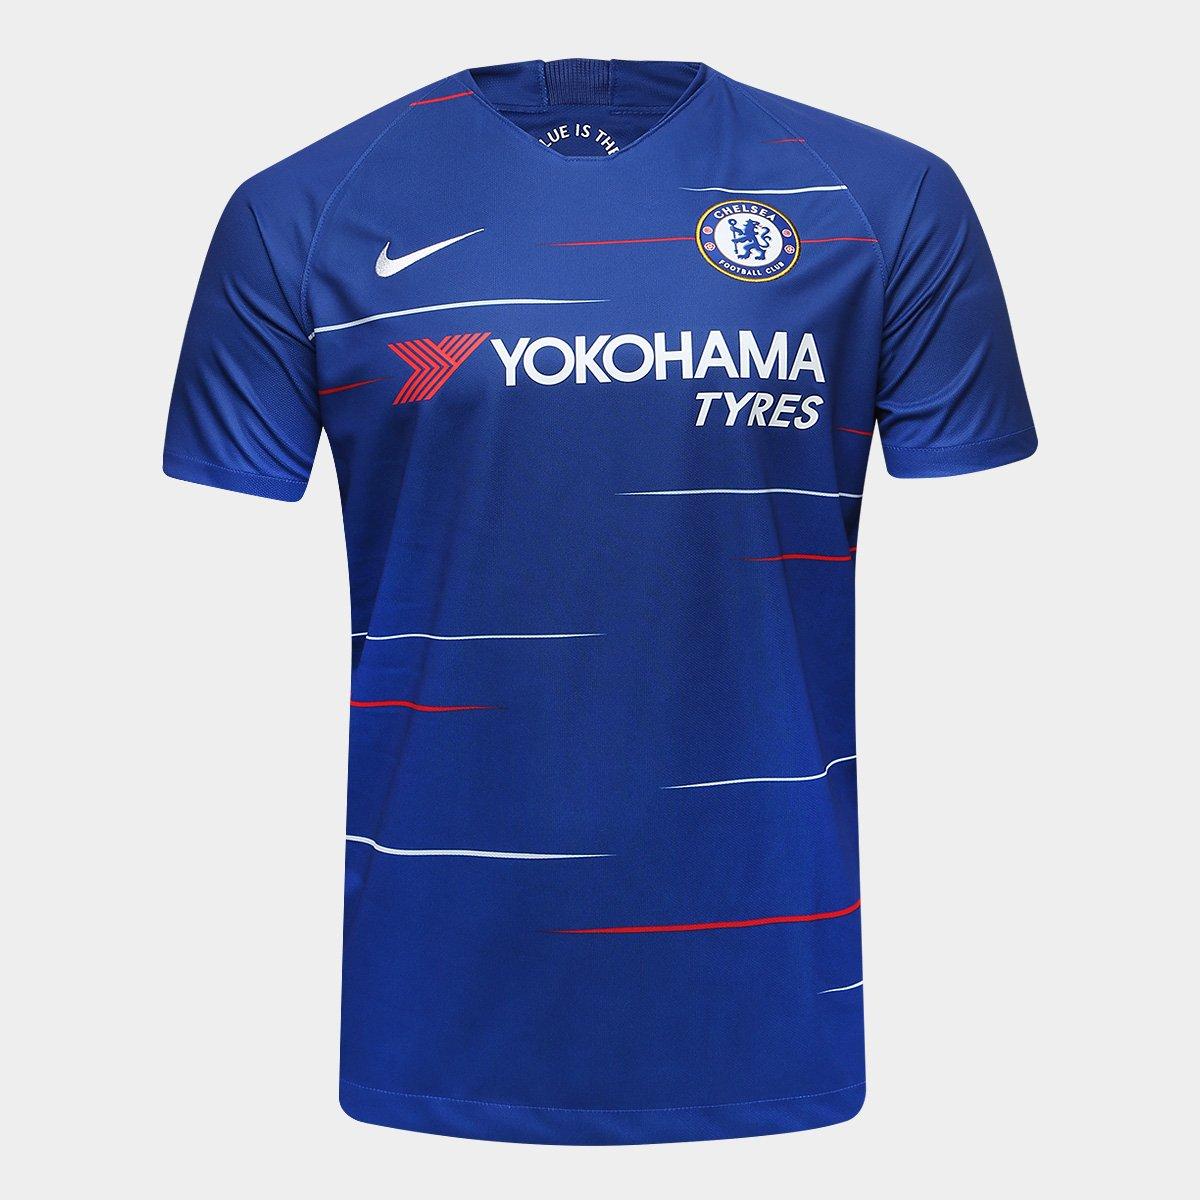 c892beb1e4446 Camisa Chelsea Home 18 19 s n° Torcedor Nike Masculina - Azul - Compre  Agora